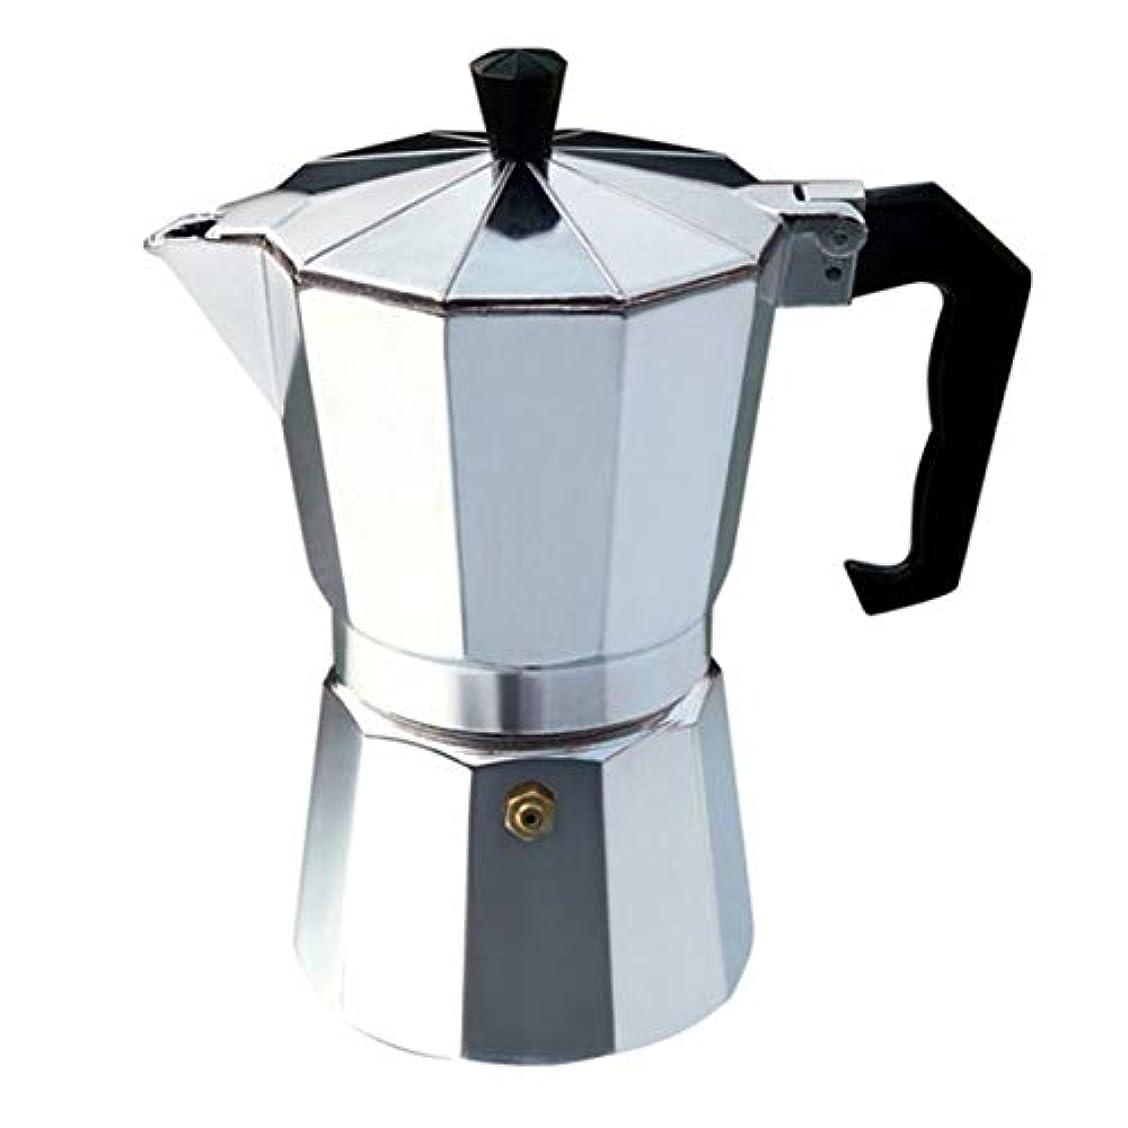 自信がある冒険ひねりSaikogoods ナガXuefeiイタリアコーヒーブラックコーヒーモカコーヒー 実用的なギフト 簡単にクリーンアップするためにアルミ真岡鍋 Octangleコーヒーメーカー 銀 6カップ